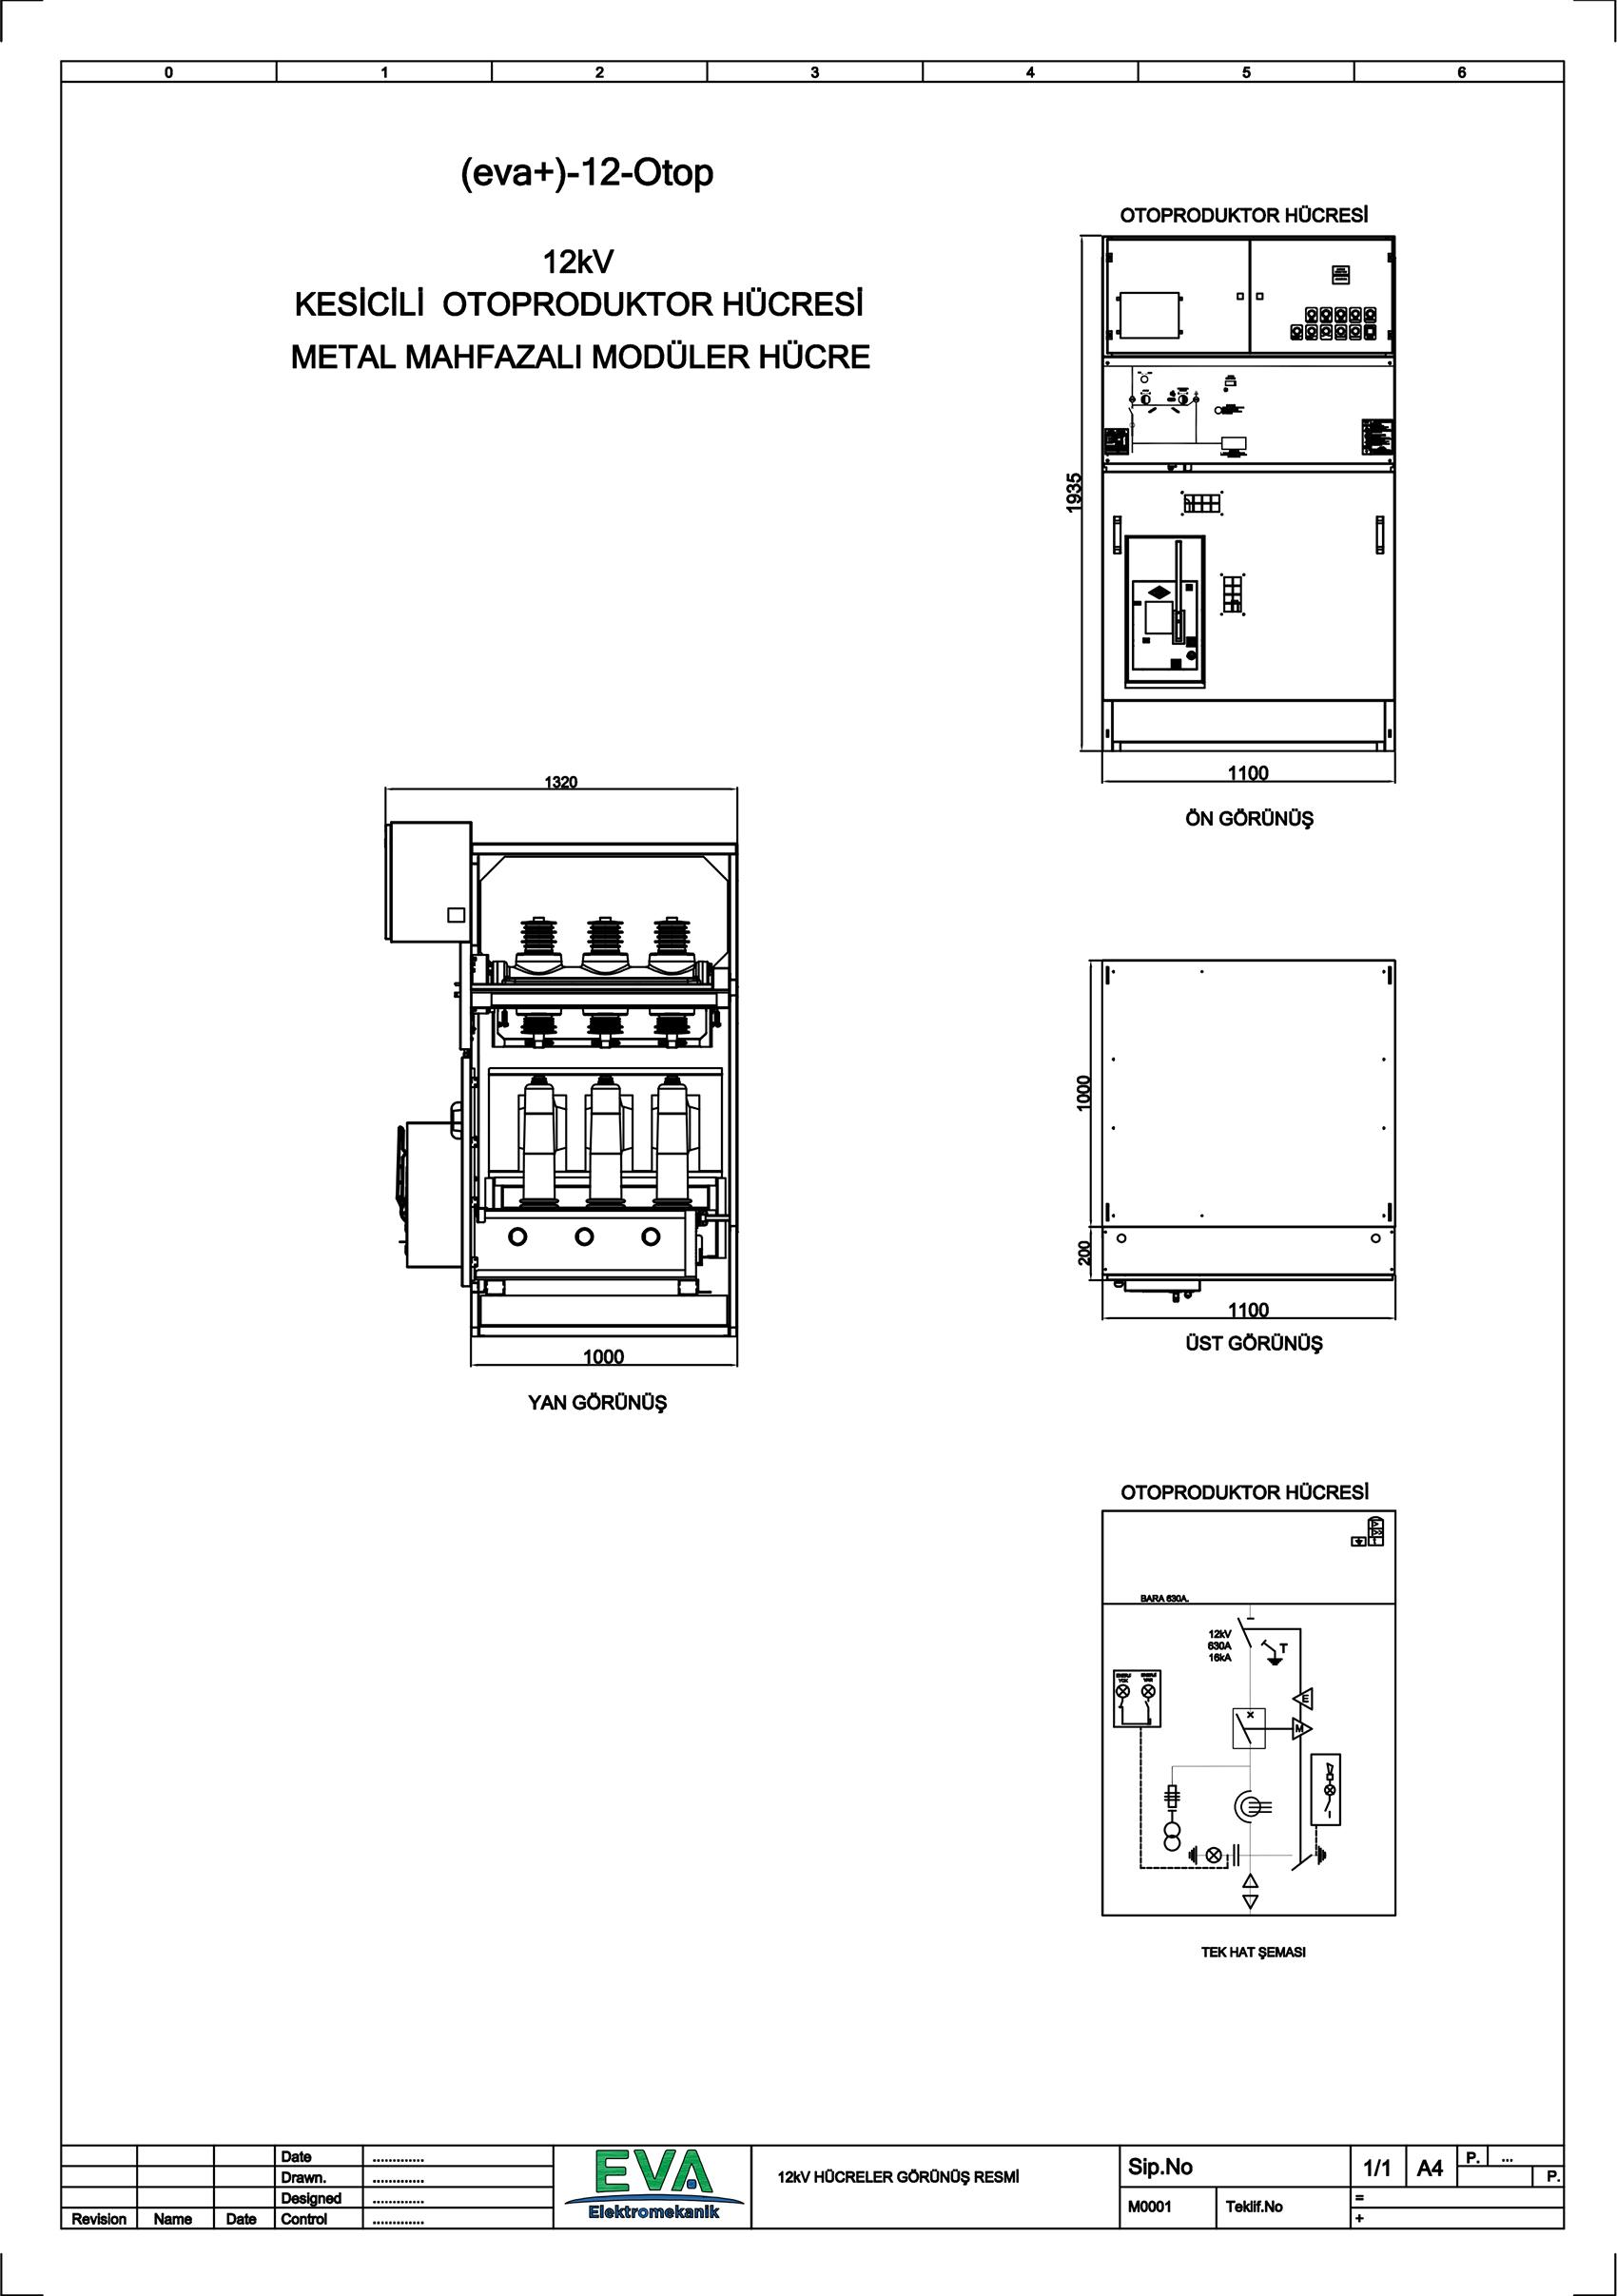 EVA+-12-OTOP Otoprodüktör Hücresi (Metal Mahfazalı Modüler Hücre)